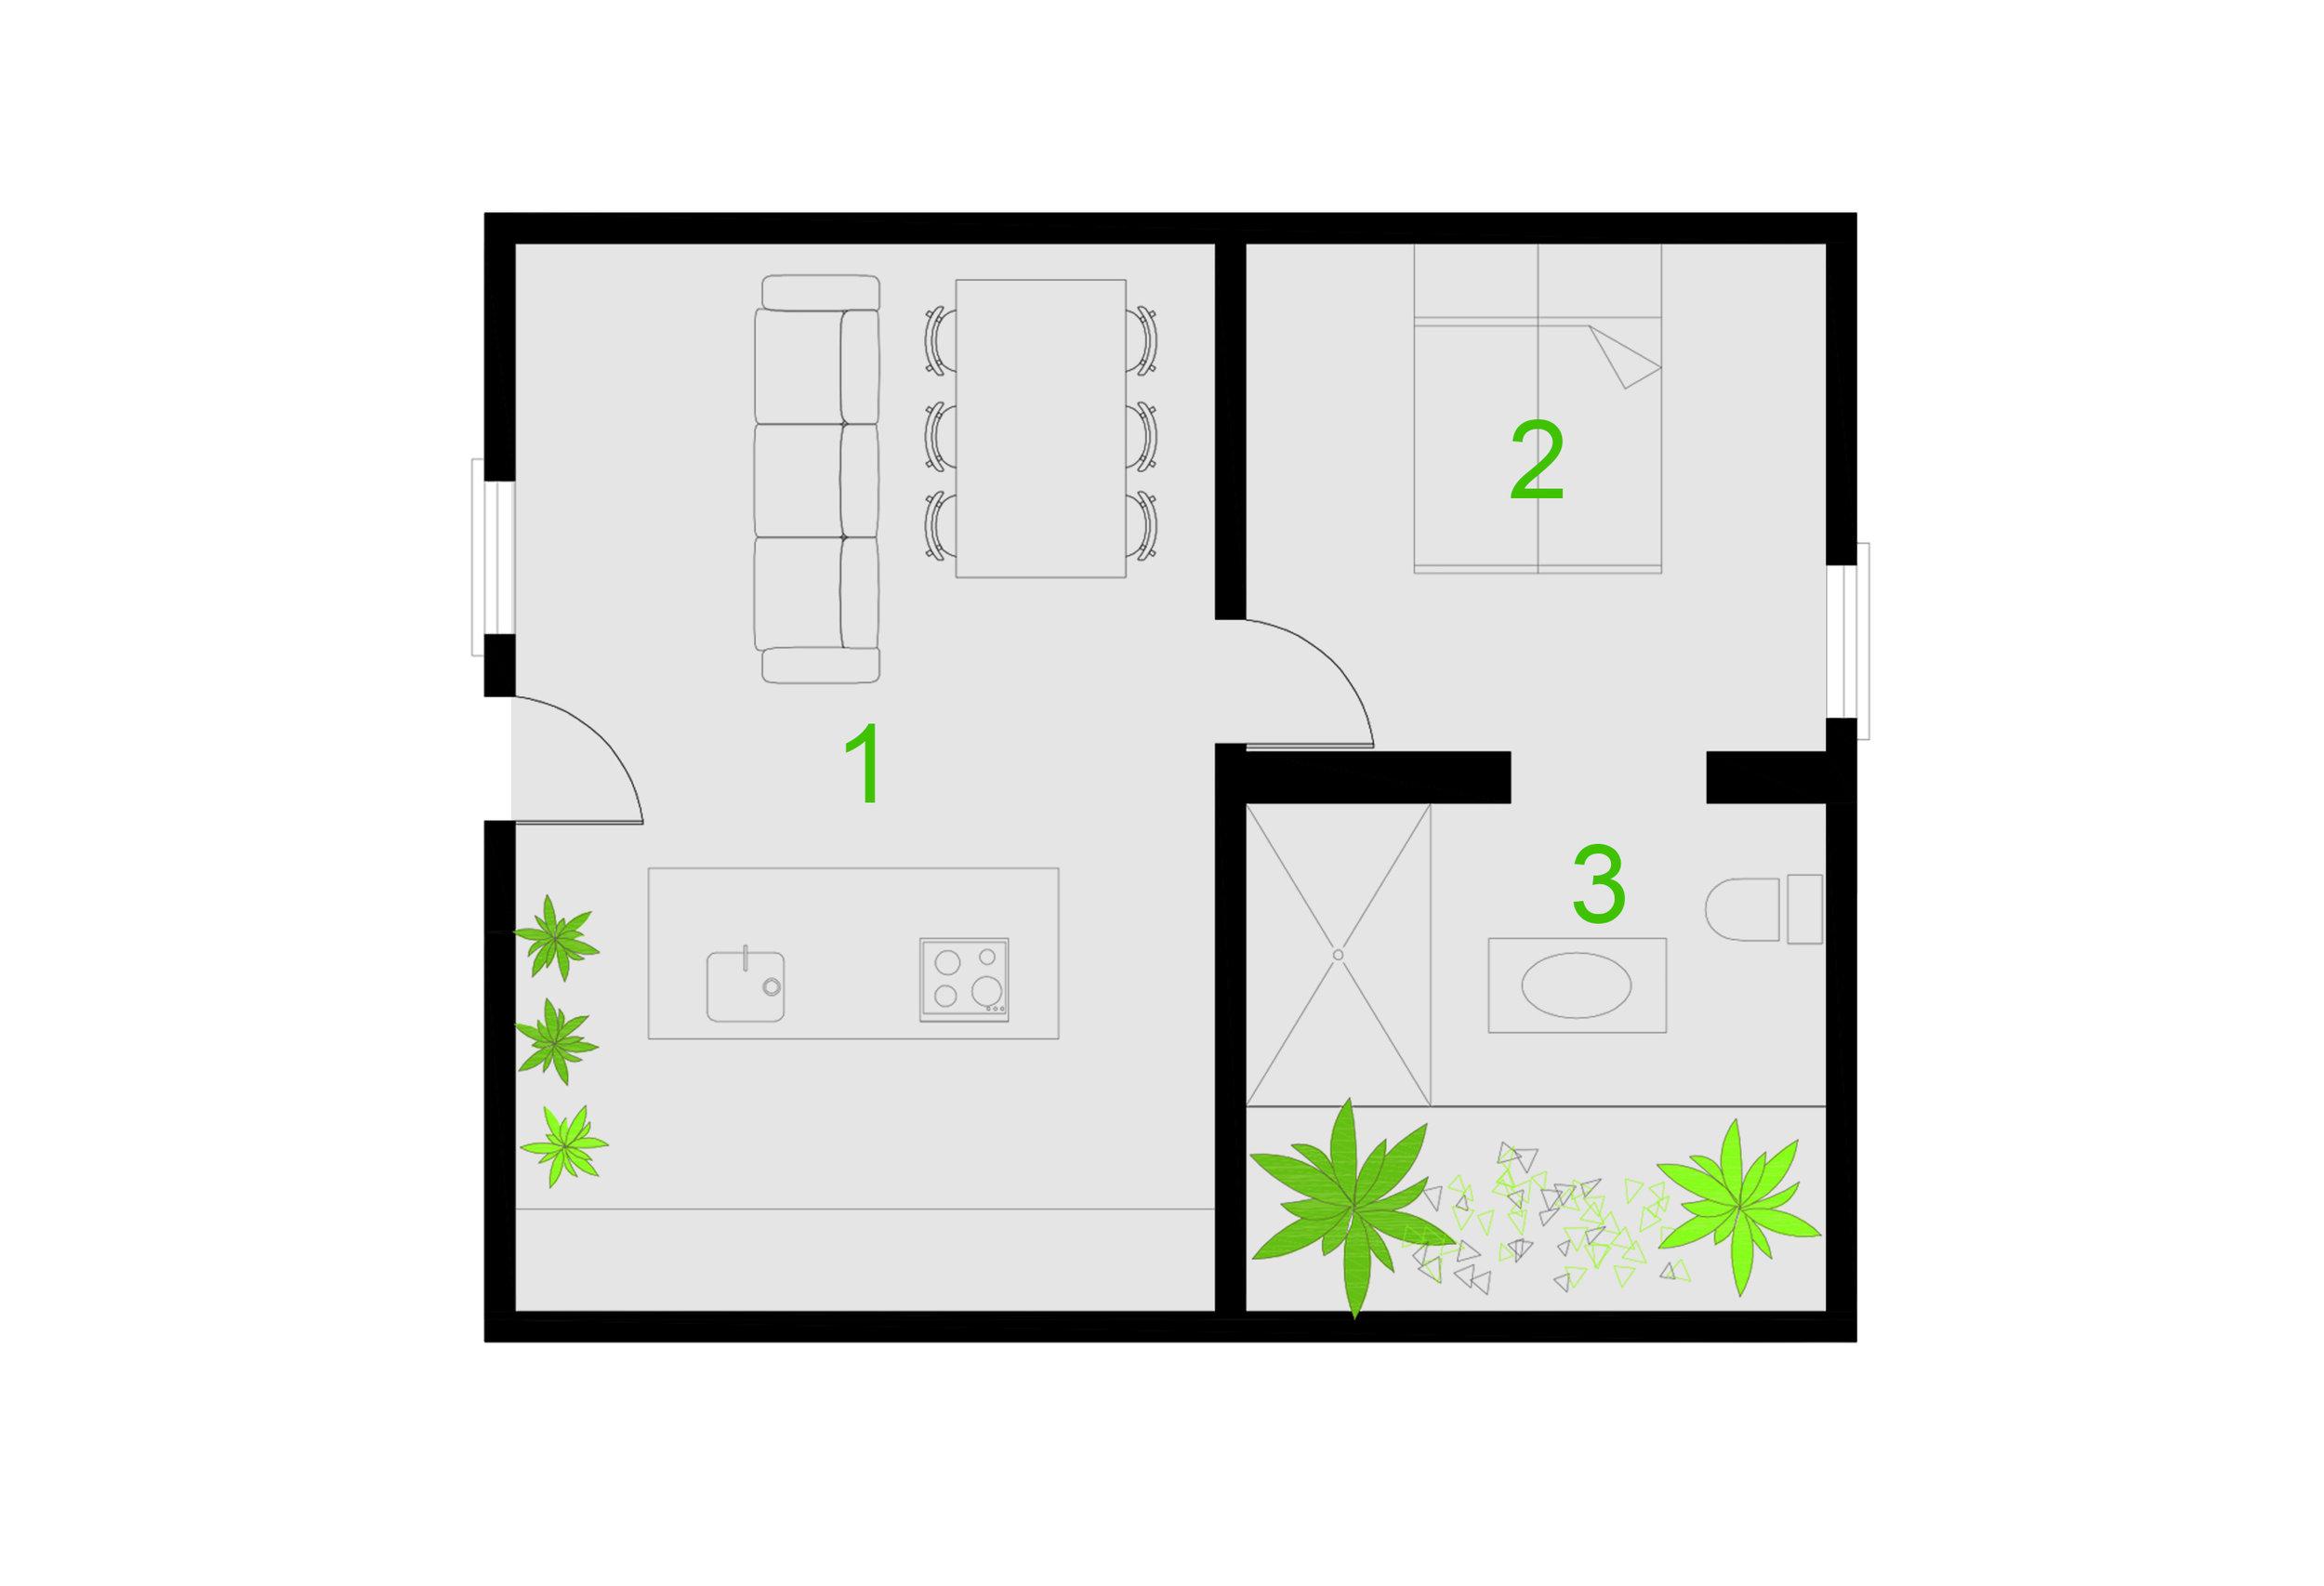 1- KITCHEN+LIVINGROOM. 2-BEDROOM. 3- BATHROOM. 4- INTERIOR GARDEN